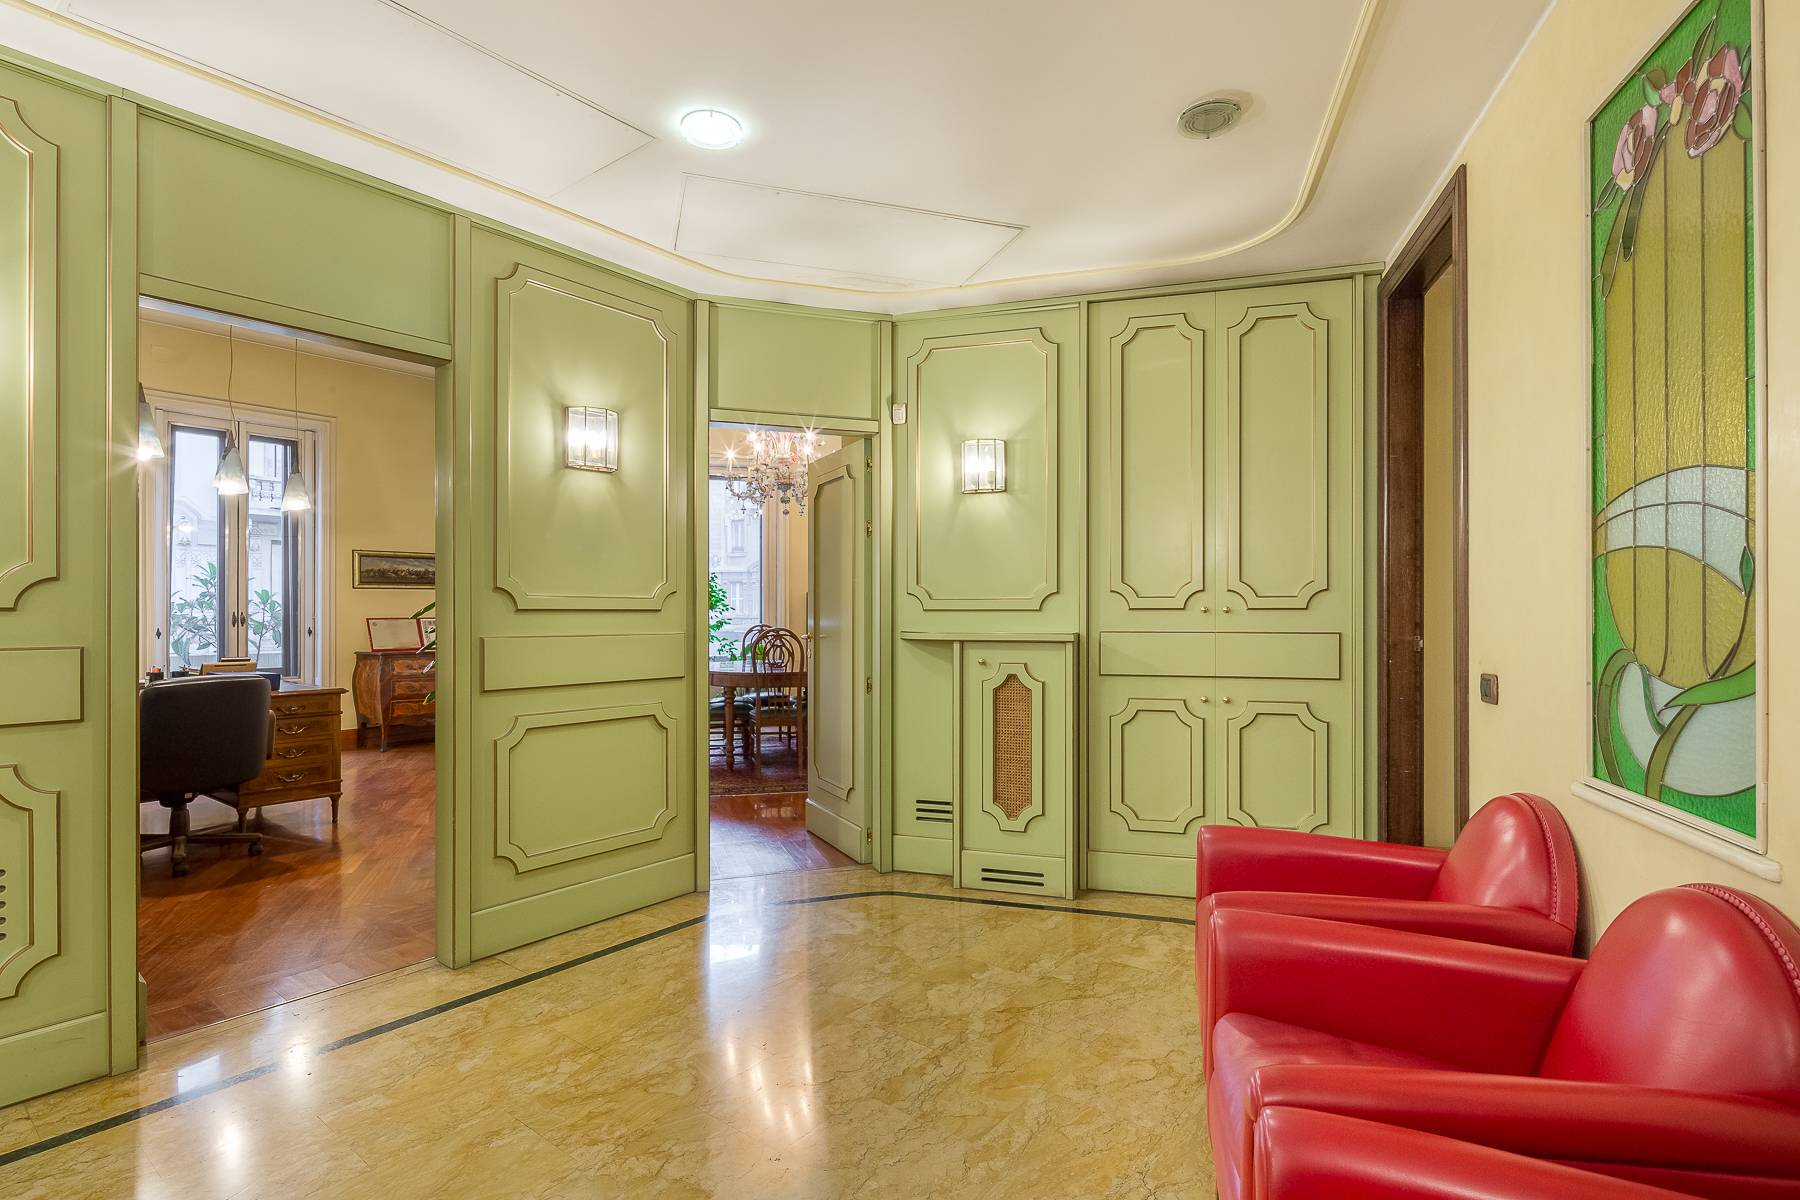 Ufficio-studio in Vendita a Milano: 5 locali, 470 mq - Foto 12